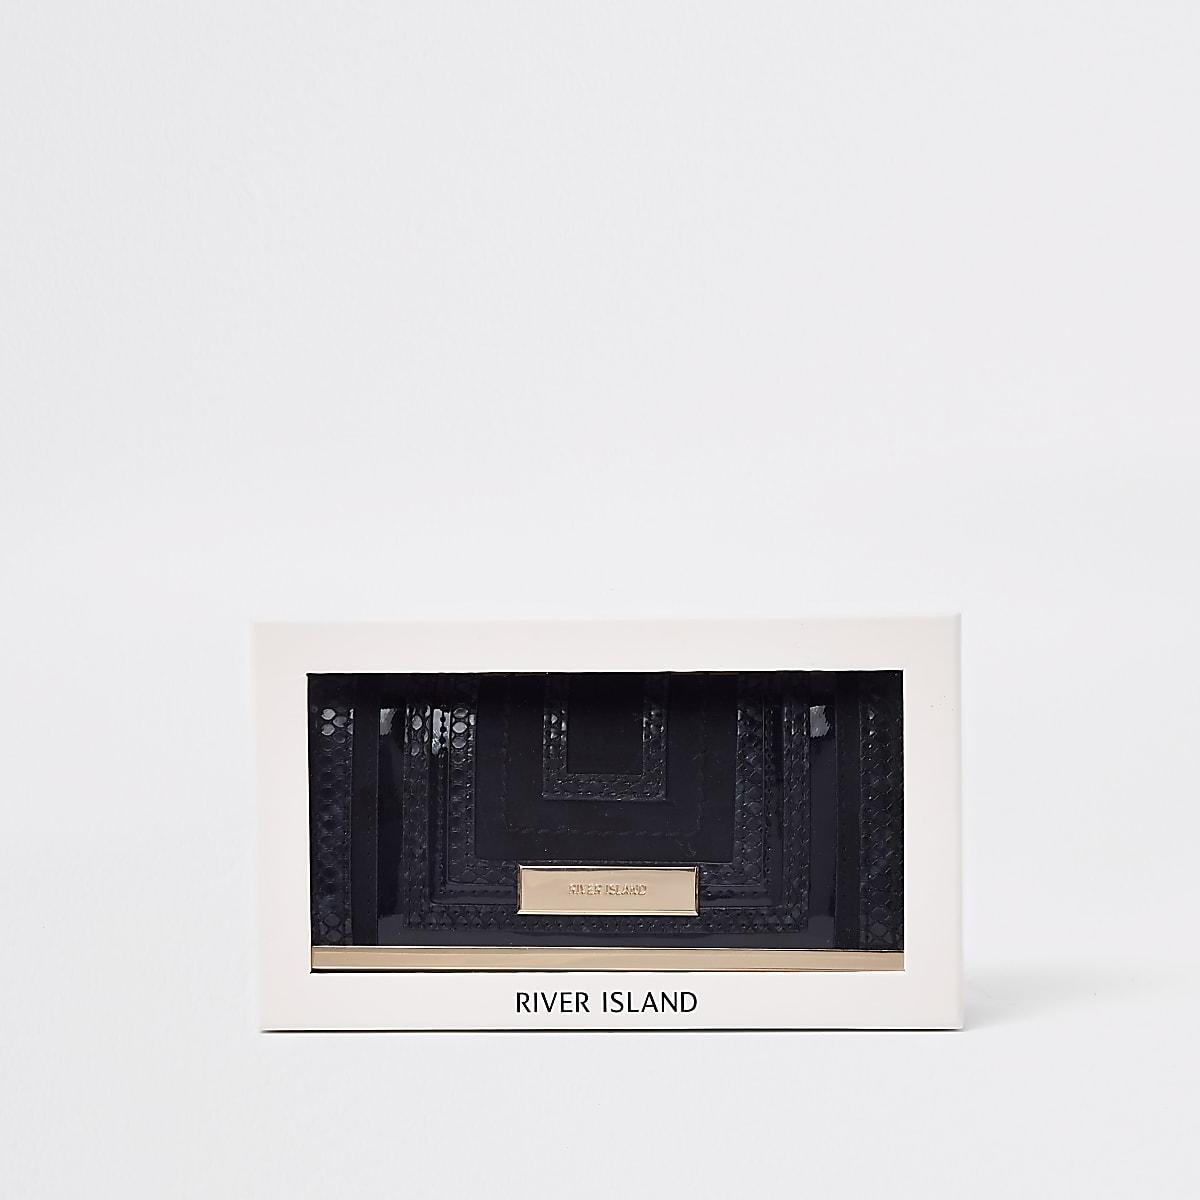 Zwarte knip met uitsnijdingen in geschenkverpakking